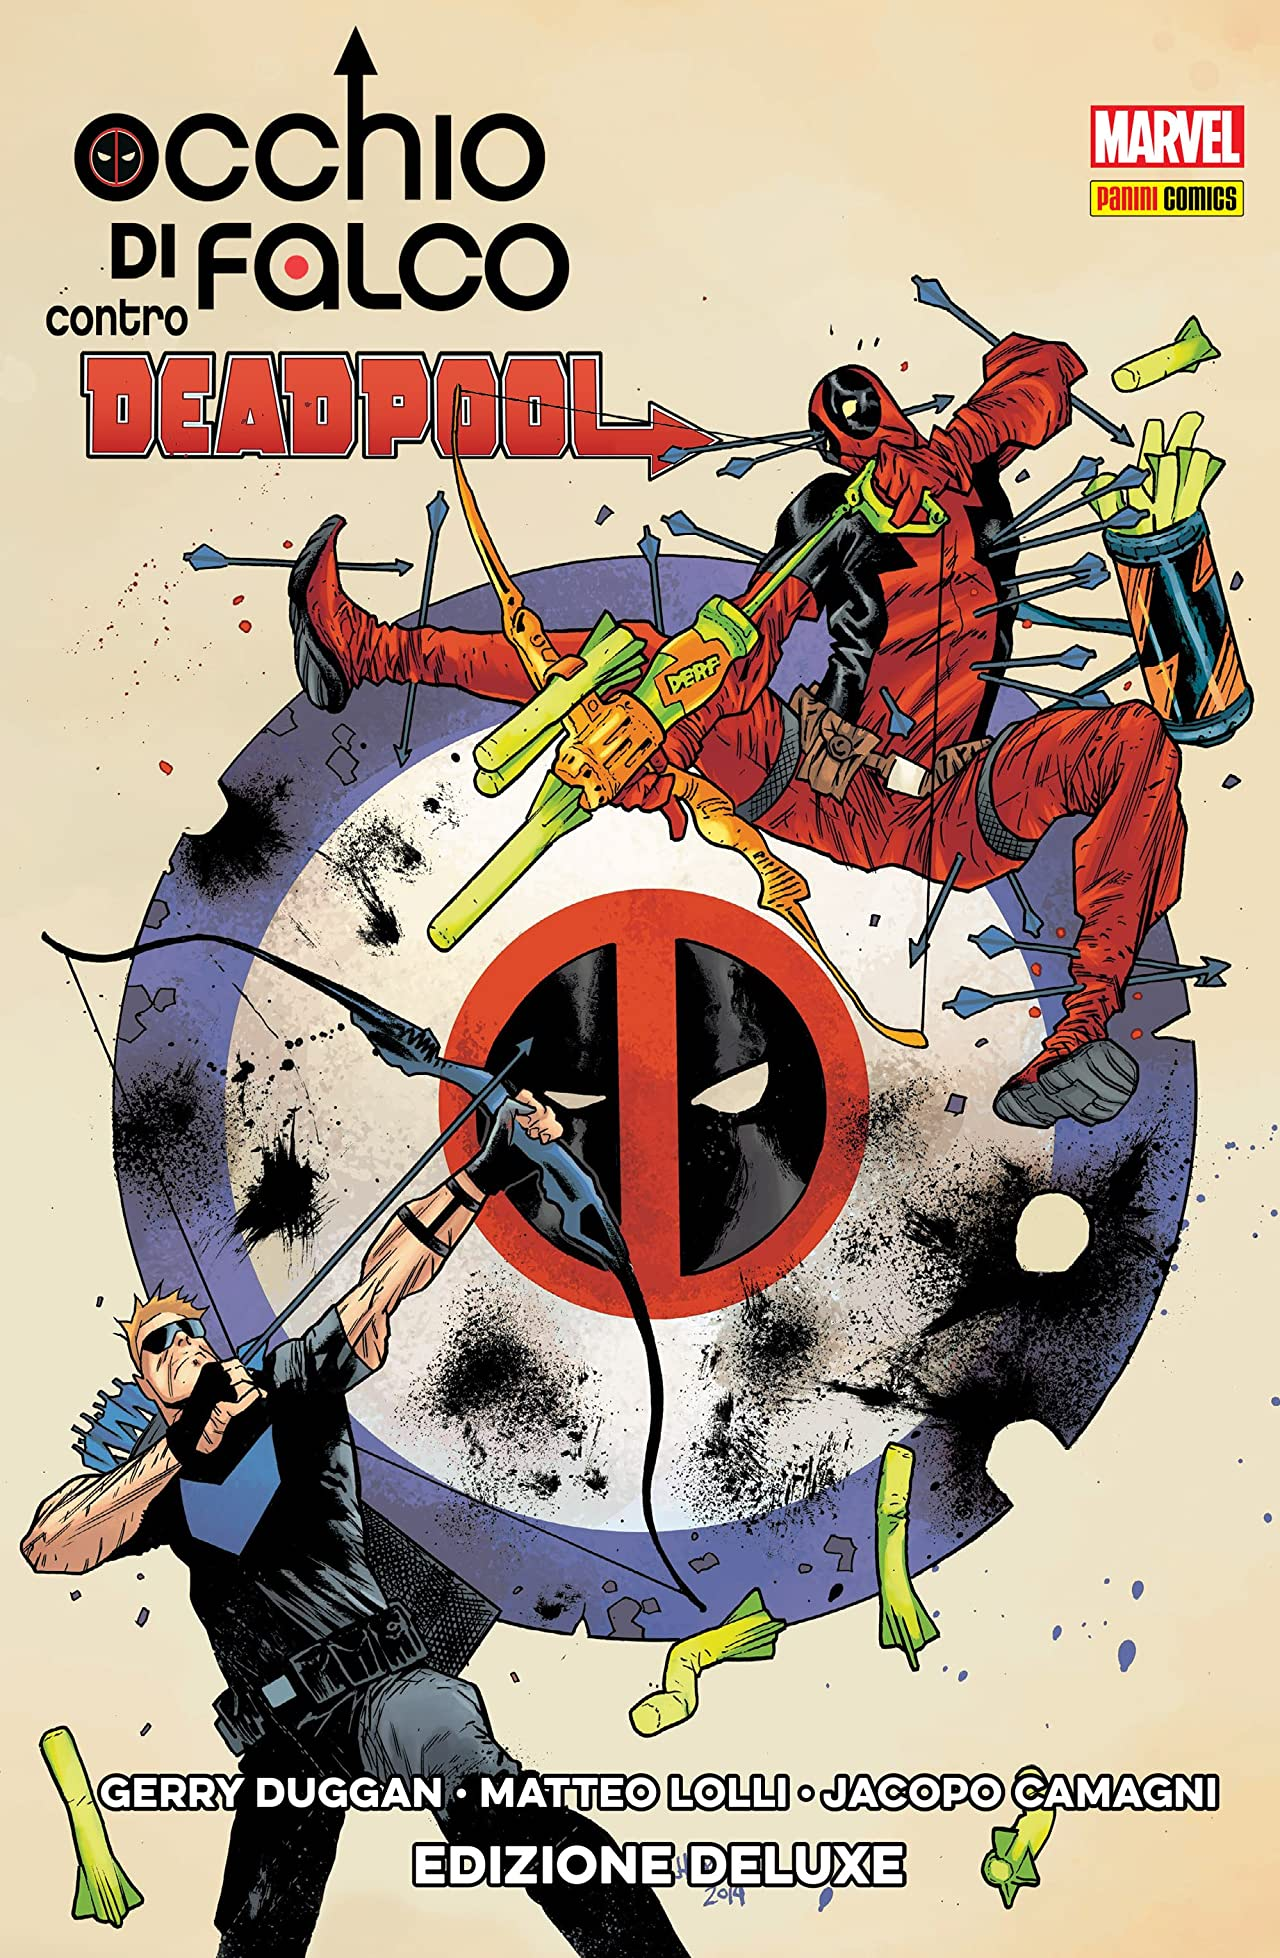 Occhio Di Falco Contro Deadpool